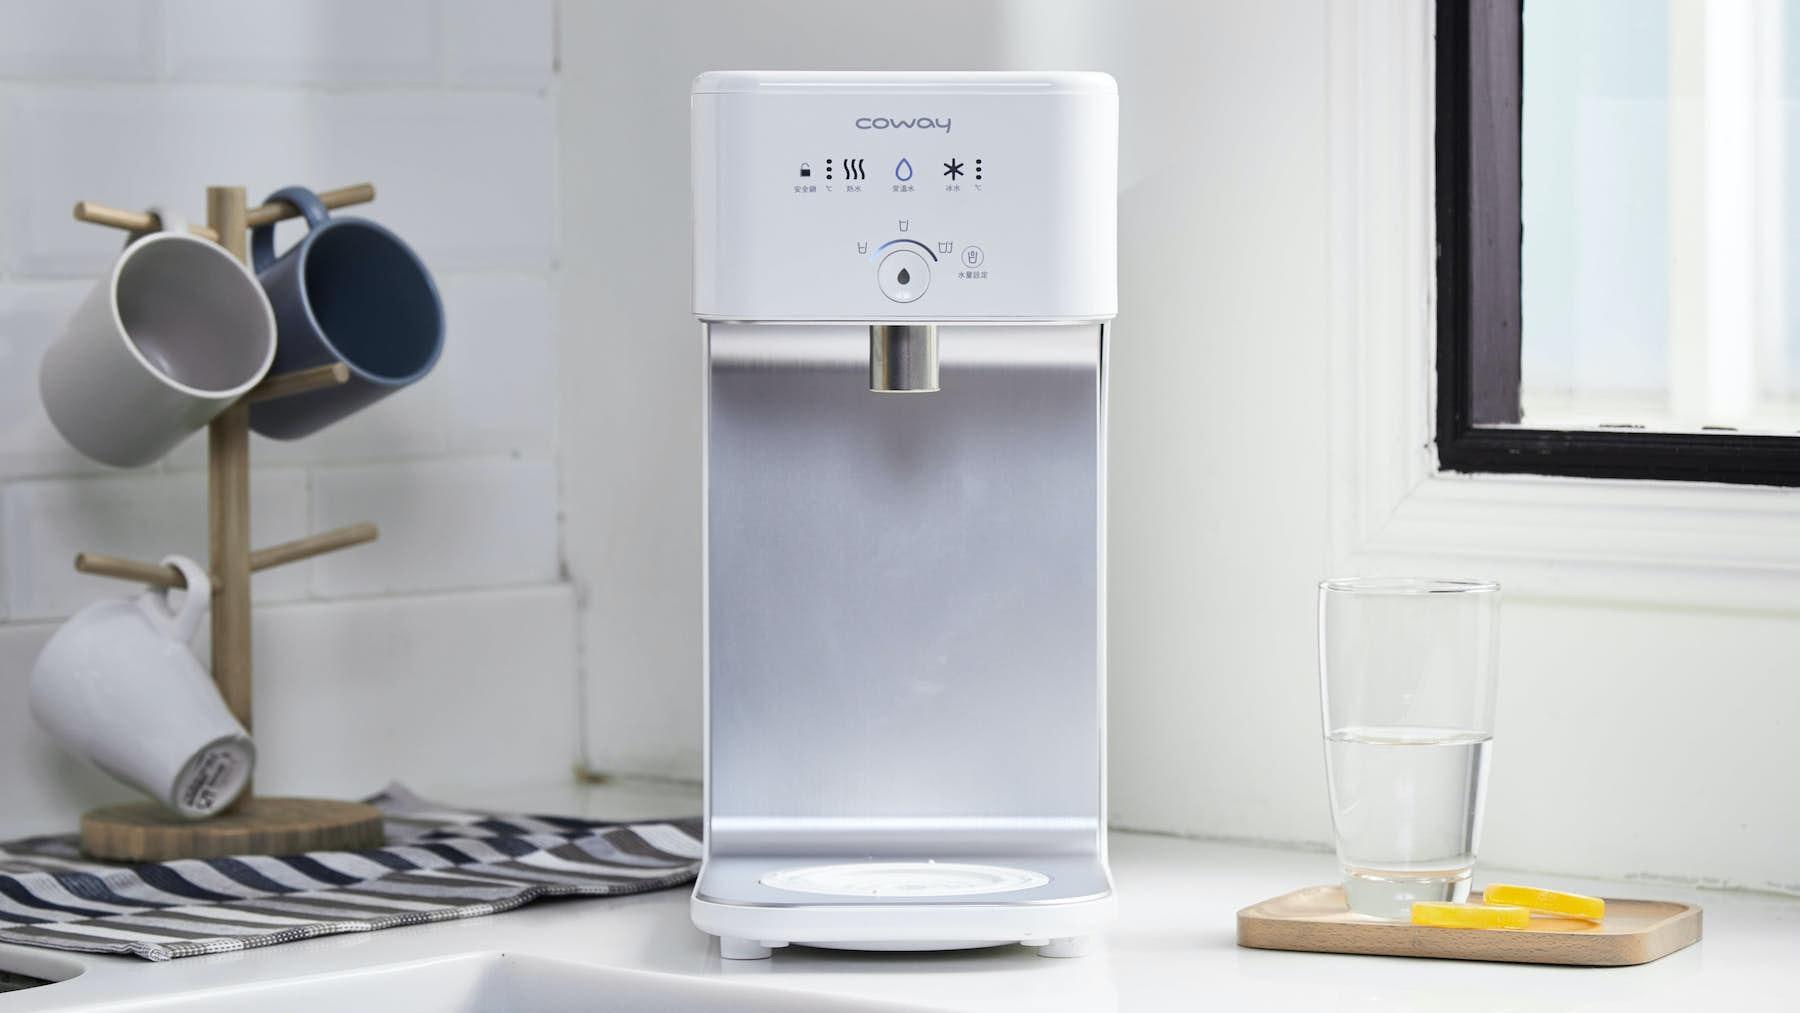 照片中提到了Coway、: SSS O、水量設定,包含了coway 飲水機 香港、淨水器、器具、飲水機、5%回饋無塵科威濾浄智控飲水型機冰溫熱變色CHP-242N